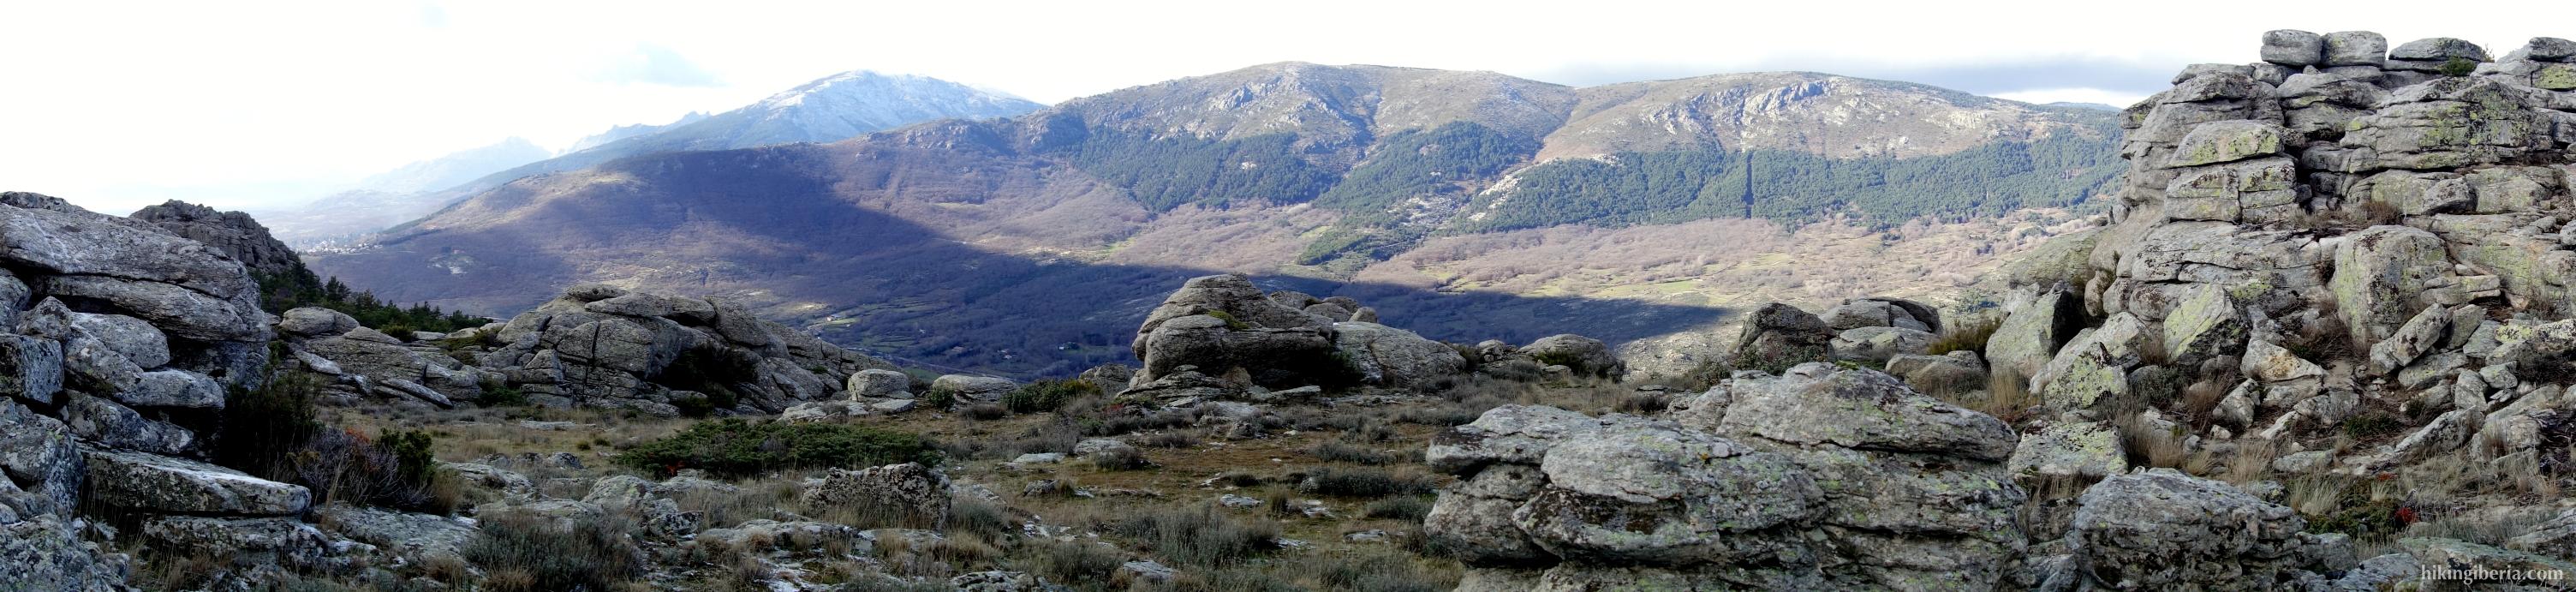 Cabeza Arcón and Pico Pendón